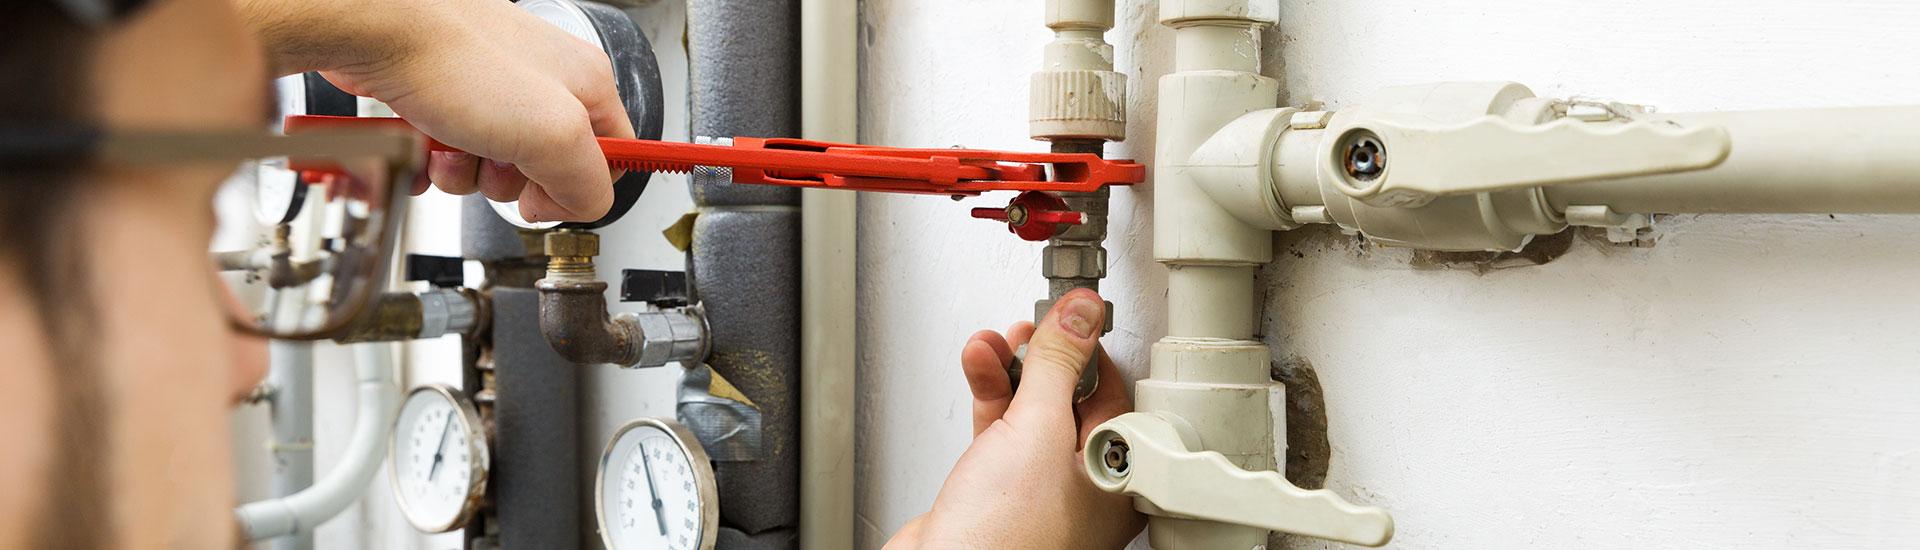 Heating Repair and Heating Installation in Los Alamos NM, Los Luna NM